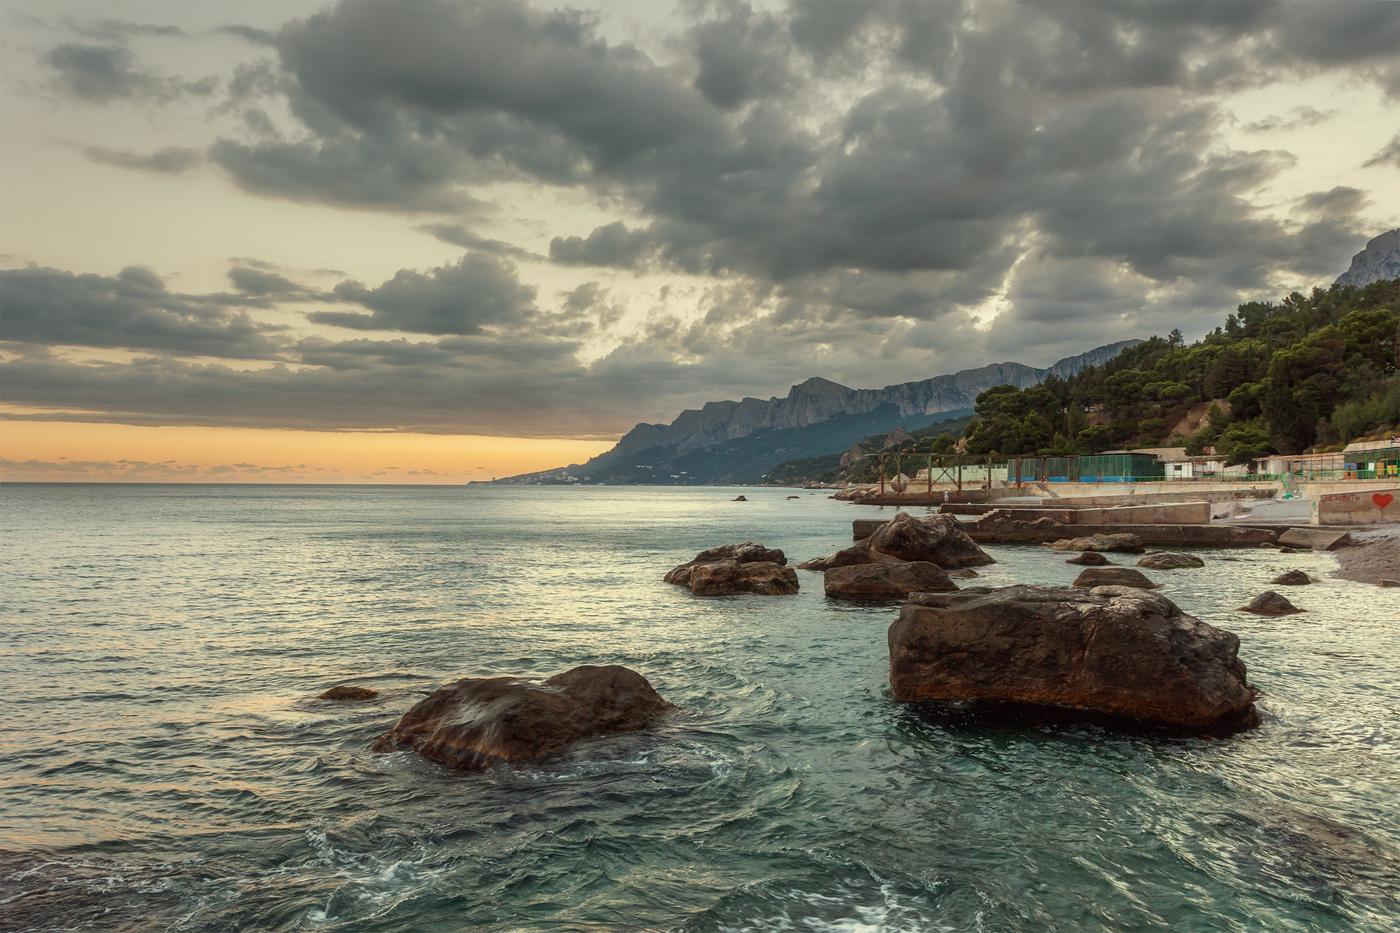 тест, пляжи парковое крым фото созданию крупных, хорошо